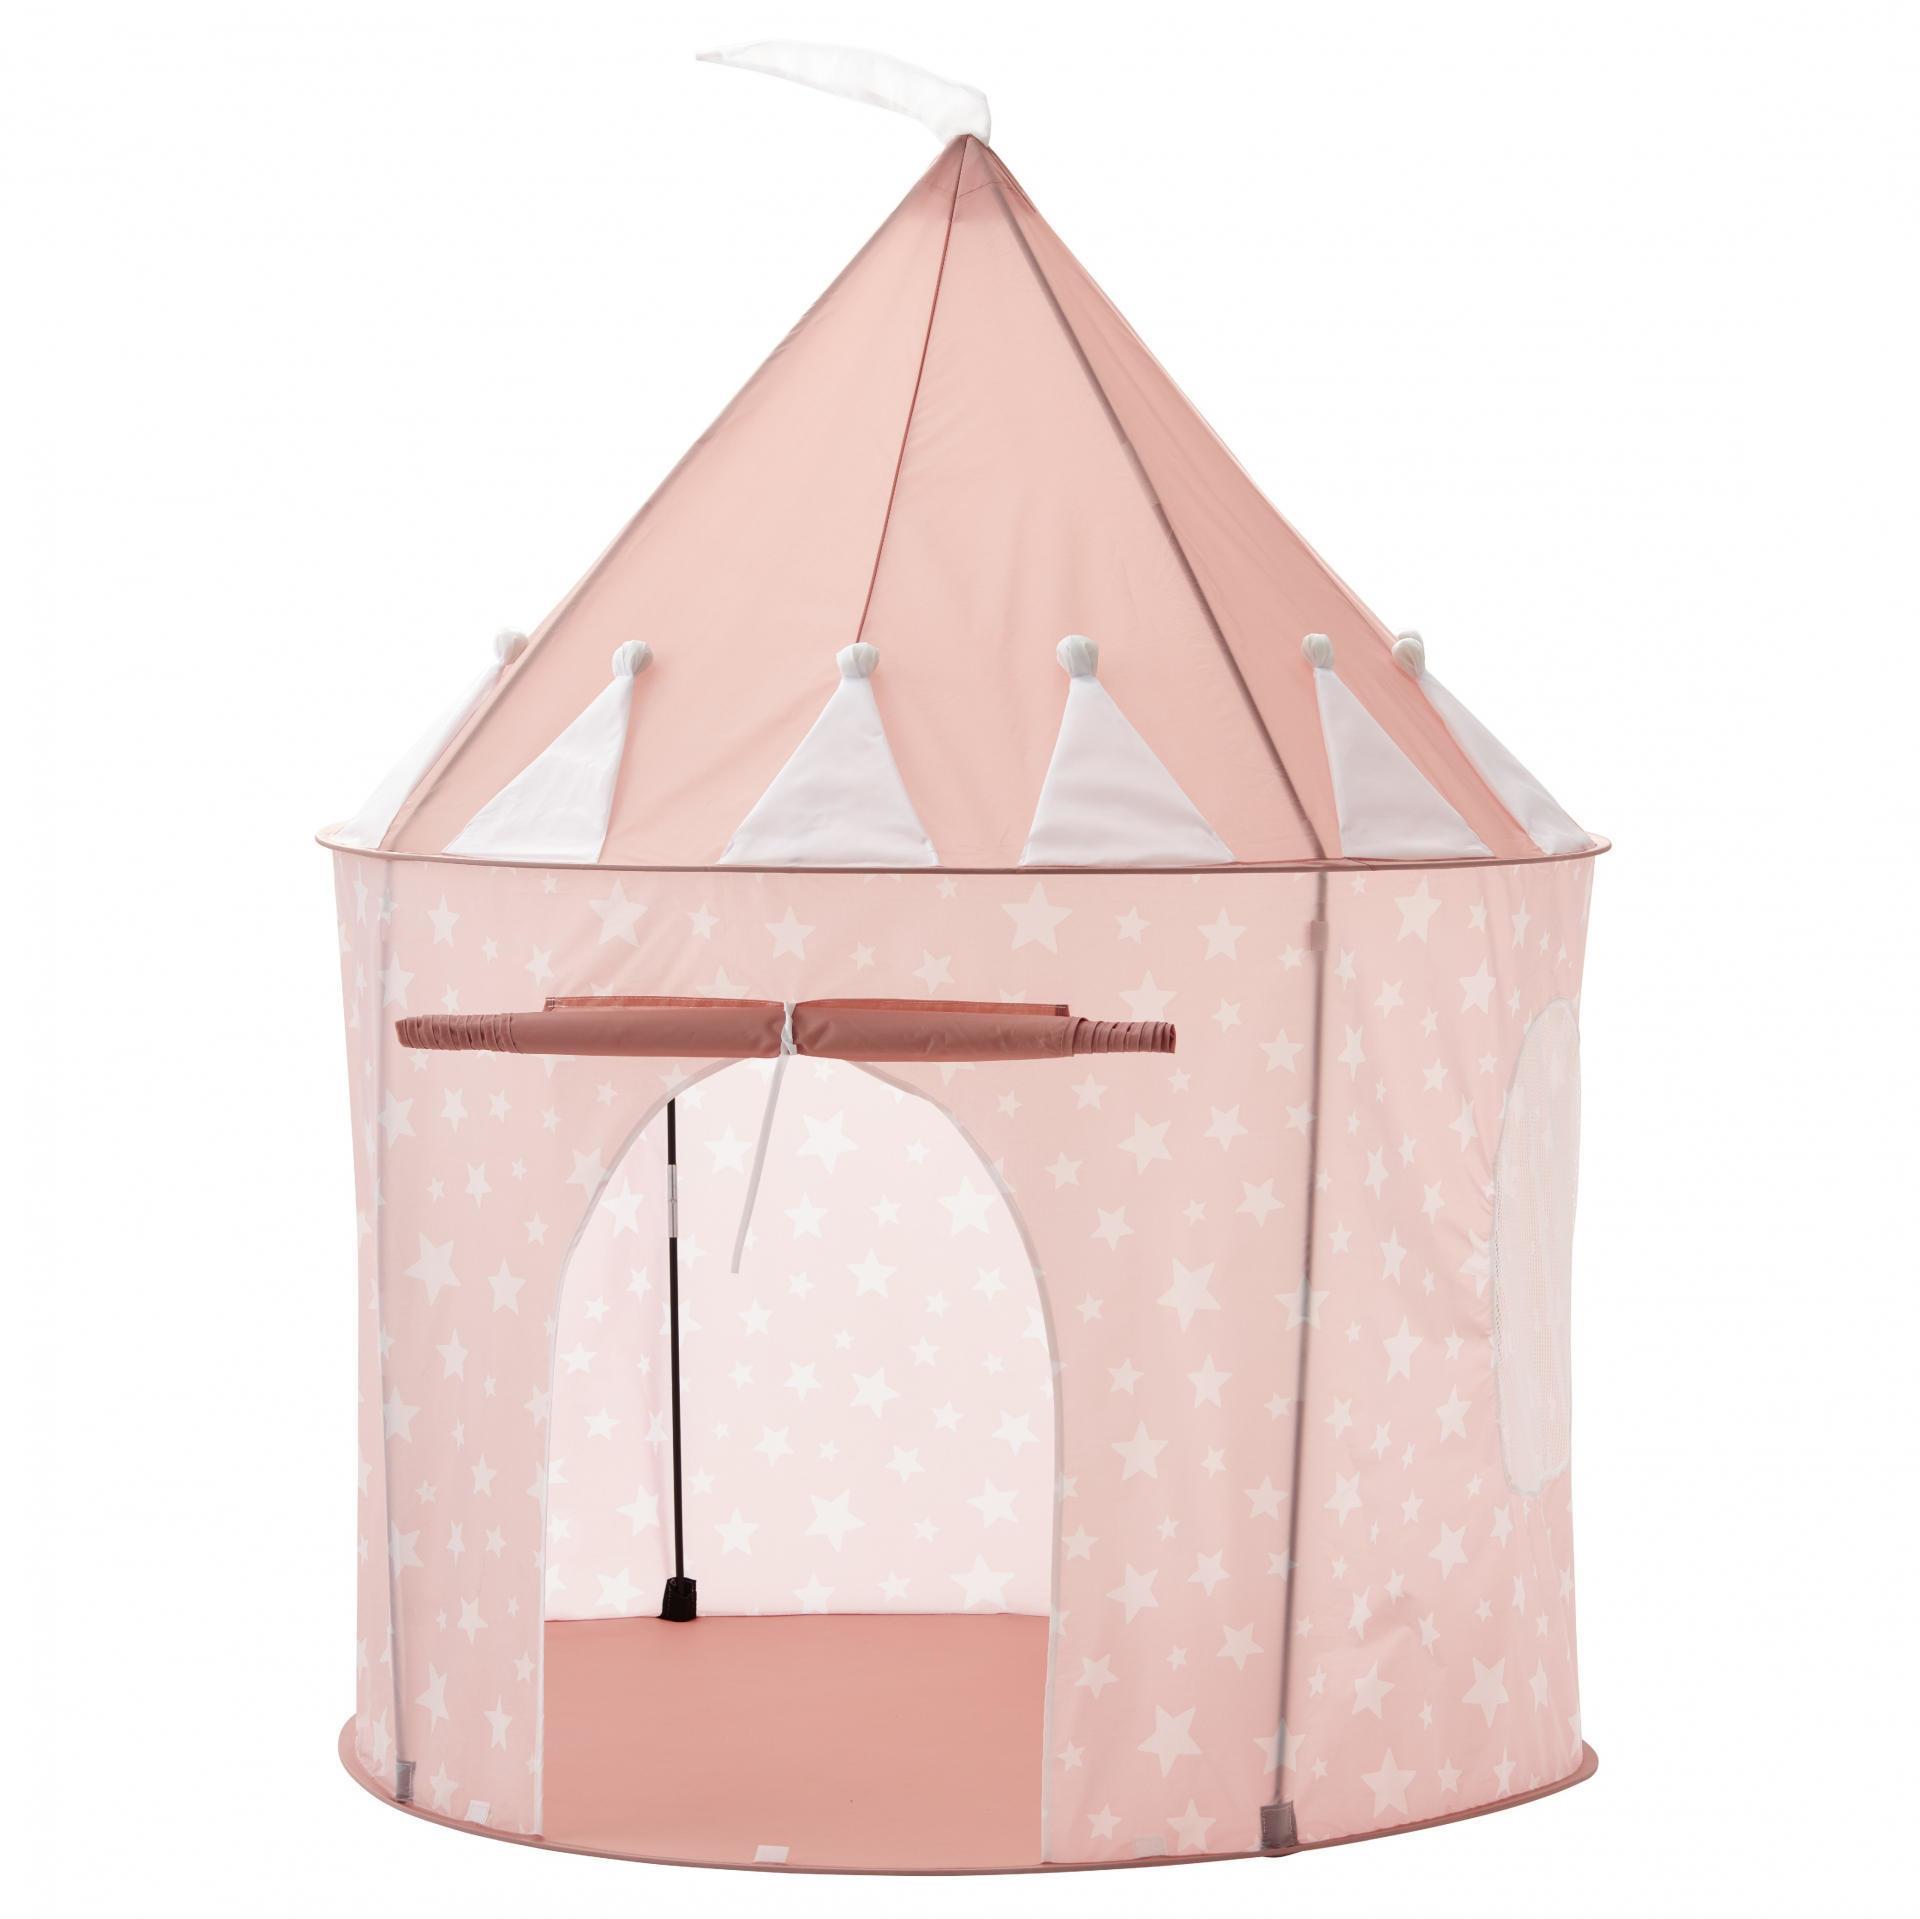 Kids Concept Dětský stan Pink Star Castle 130 cm, růžová barva, plast